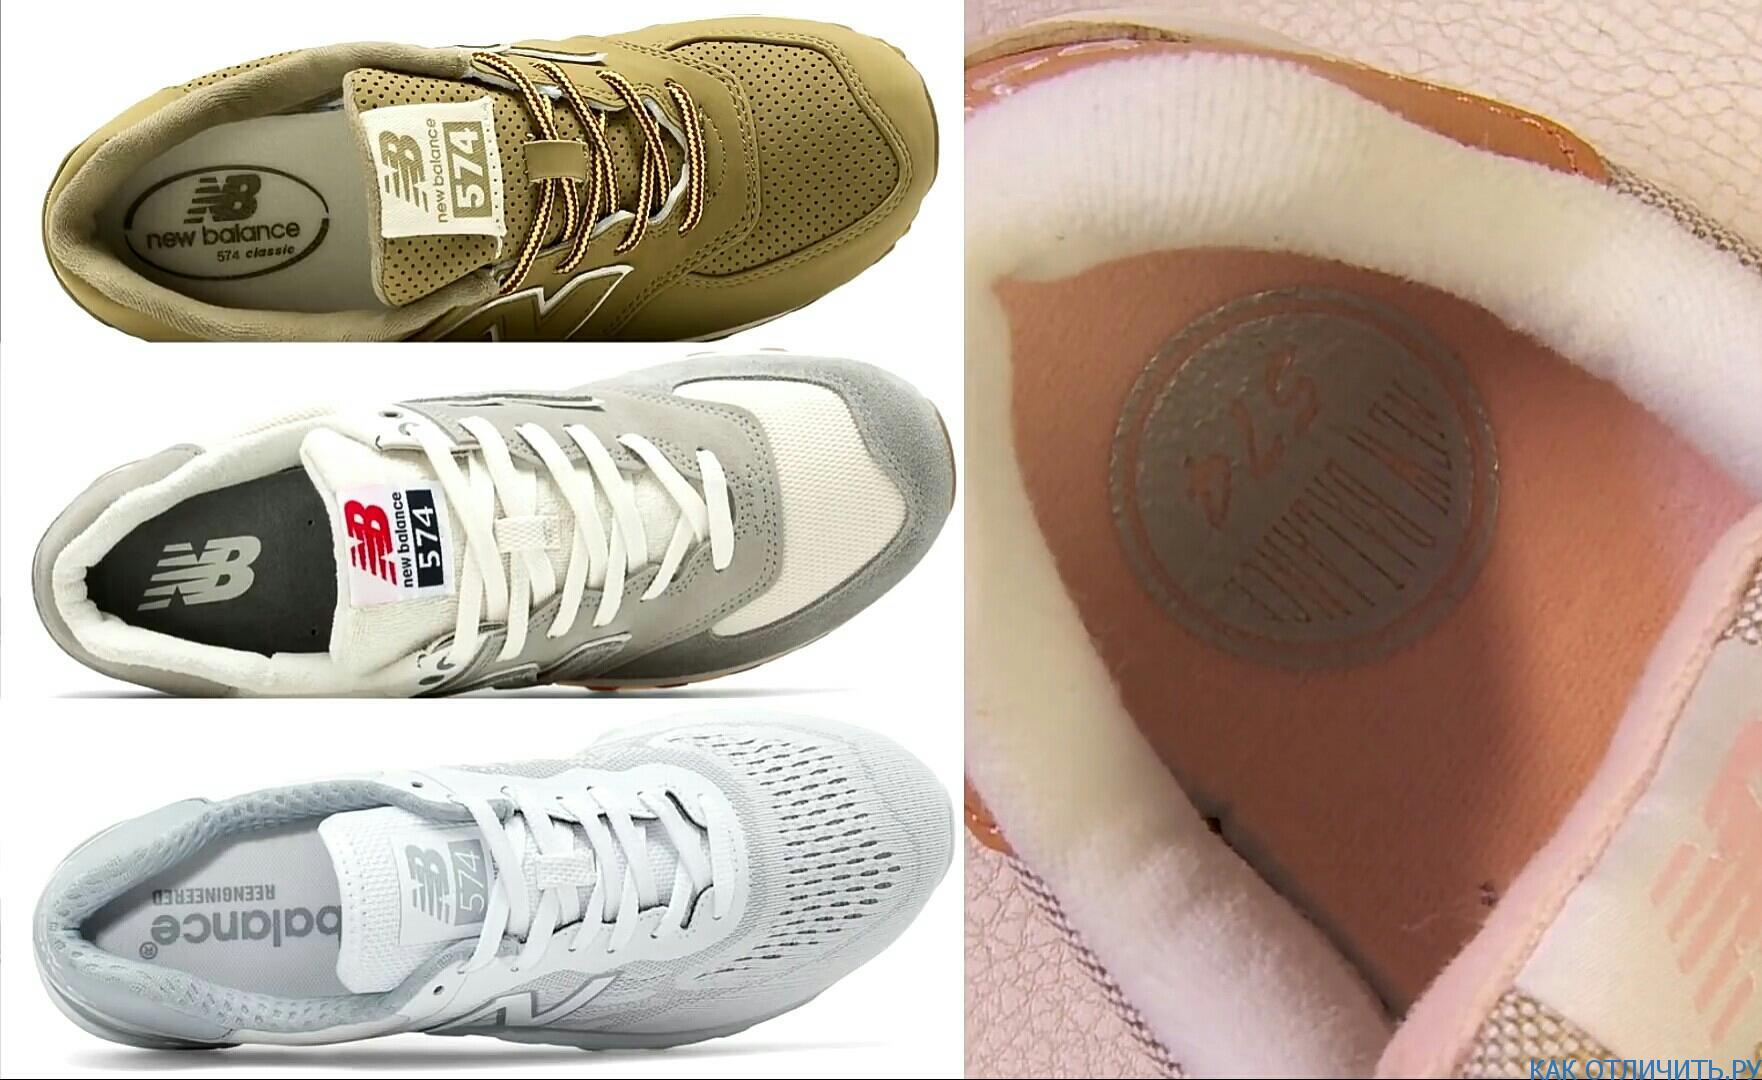 Логотип на стельке в оригинальных кроссовках